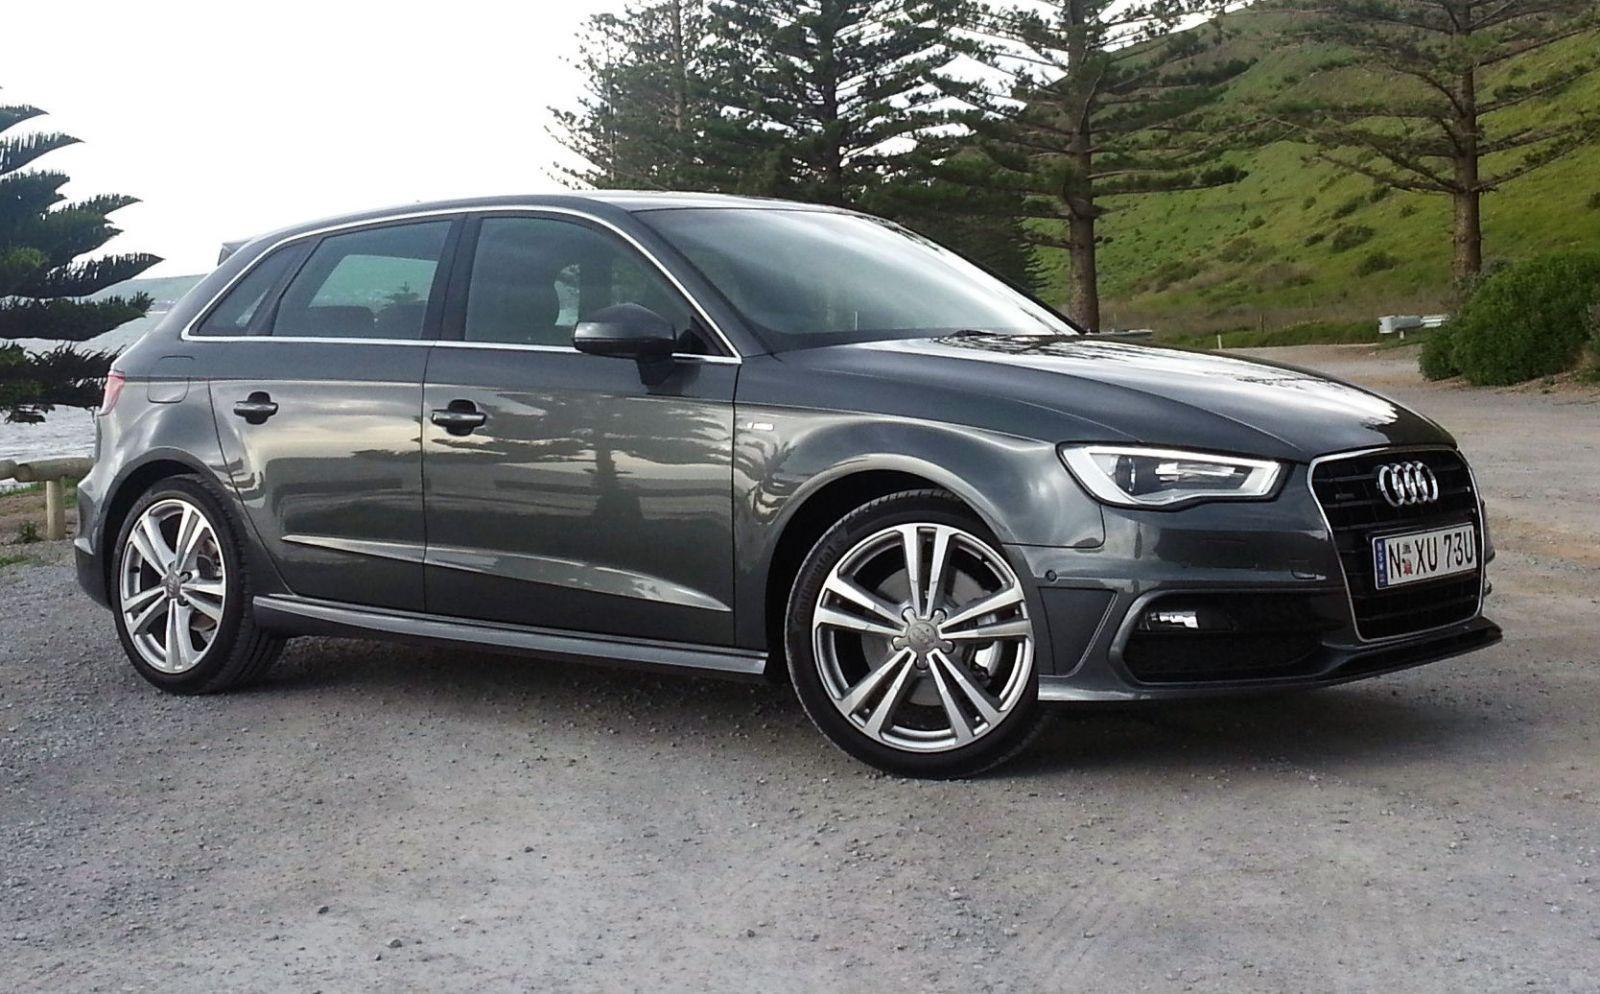 Kelebihan Audi A3 Sportback 2014 Perbandingan Harga